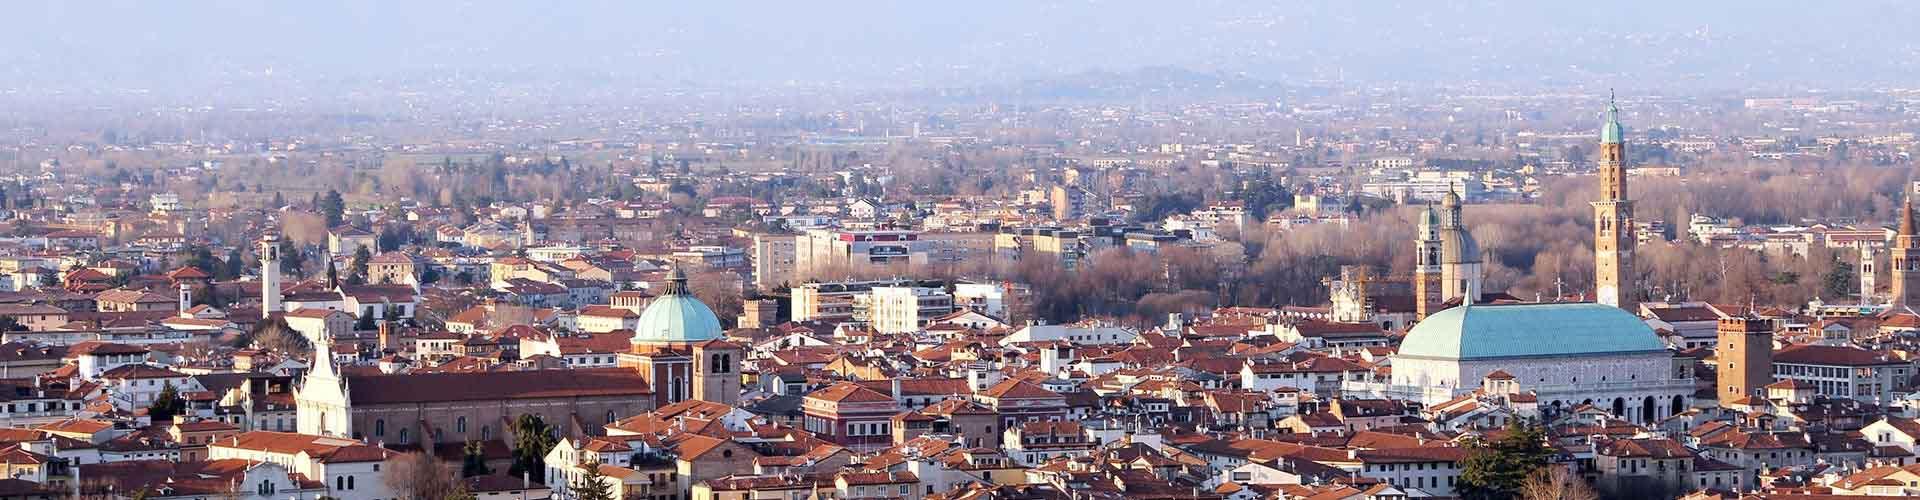 Vicenza - Hostales en Vicenza. Mapas de Vicenza, Fotos y comentarios de cada Hostal en Vicenza.